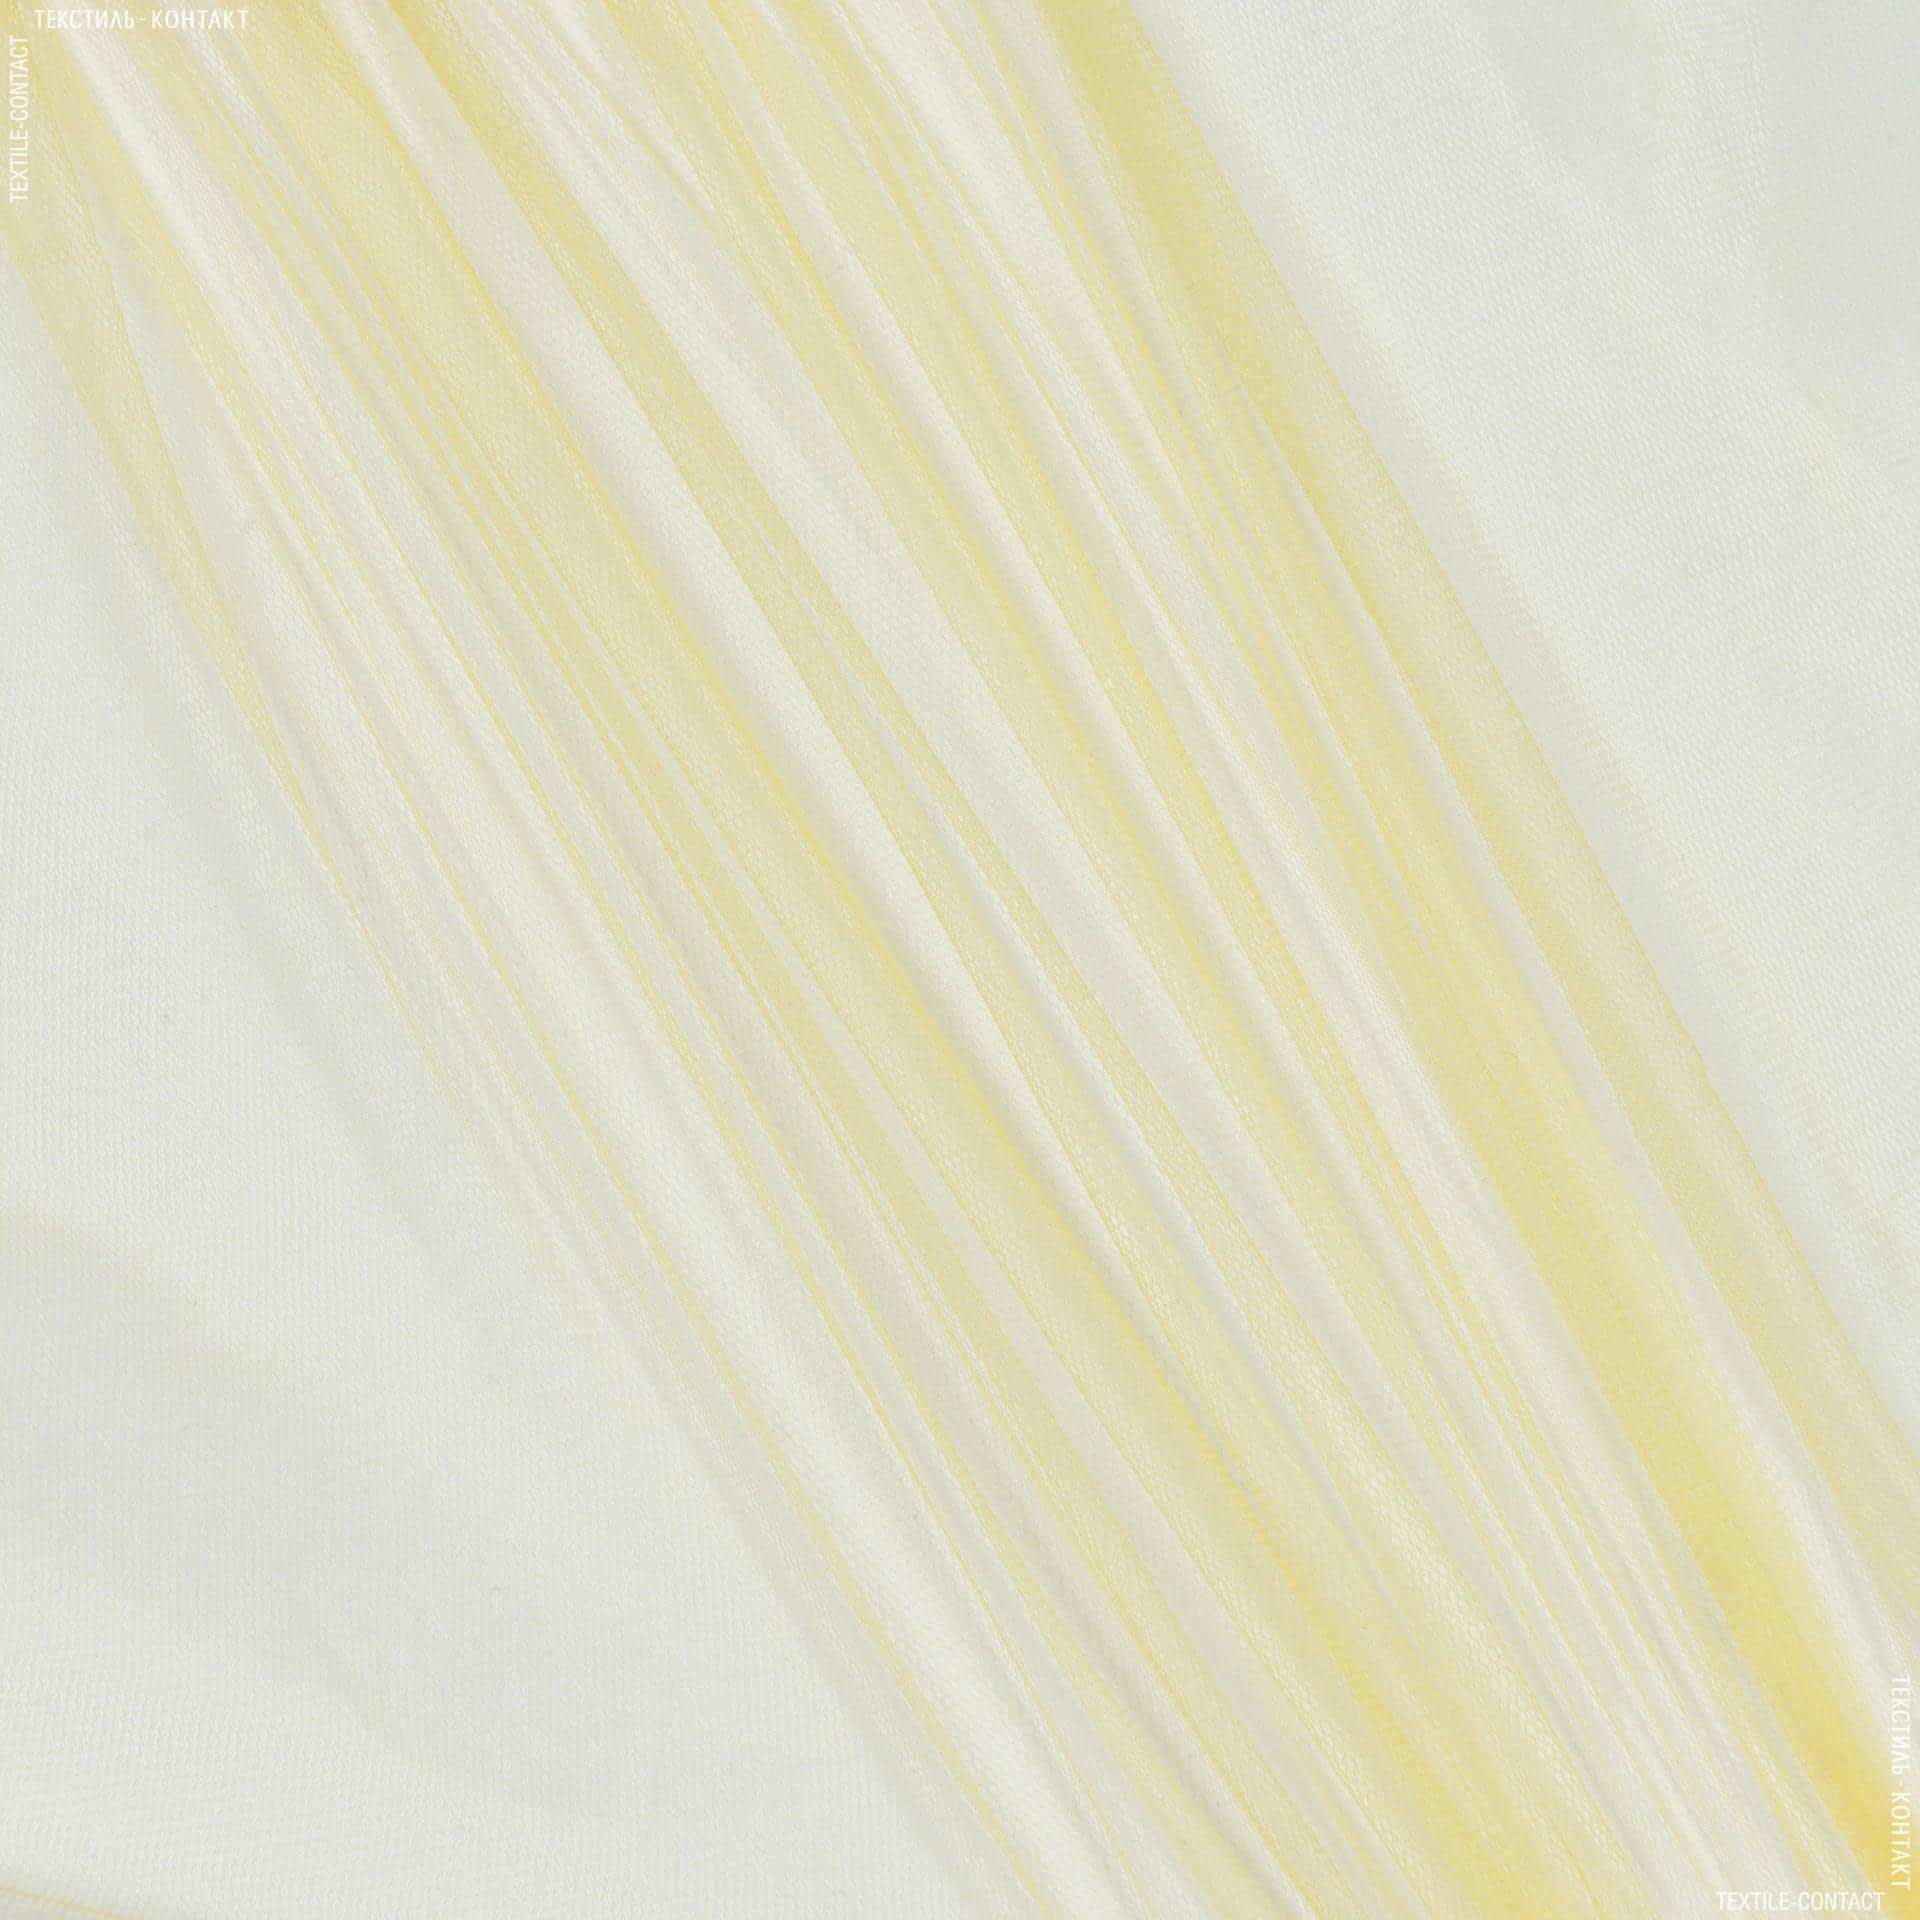 Тканини для суконь - Фатин м'який жовтий